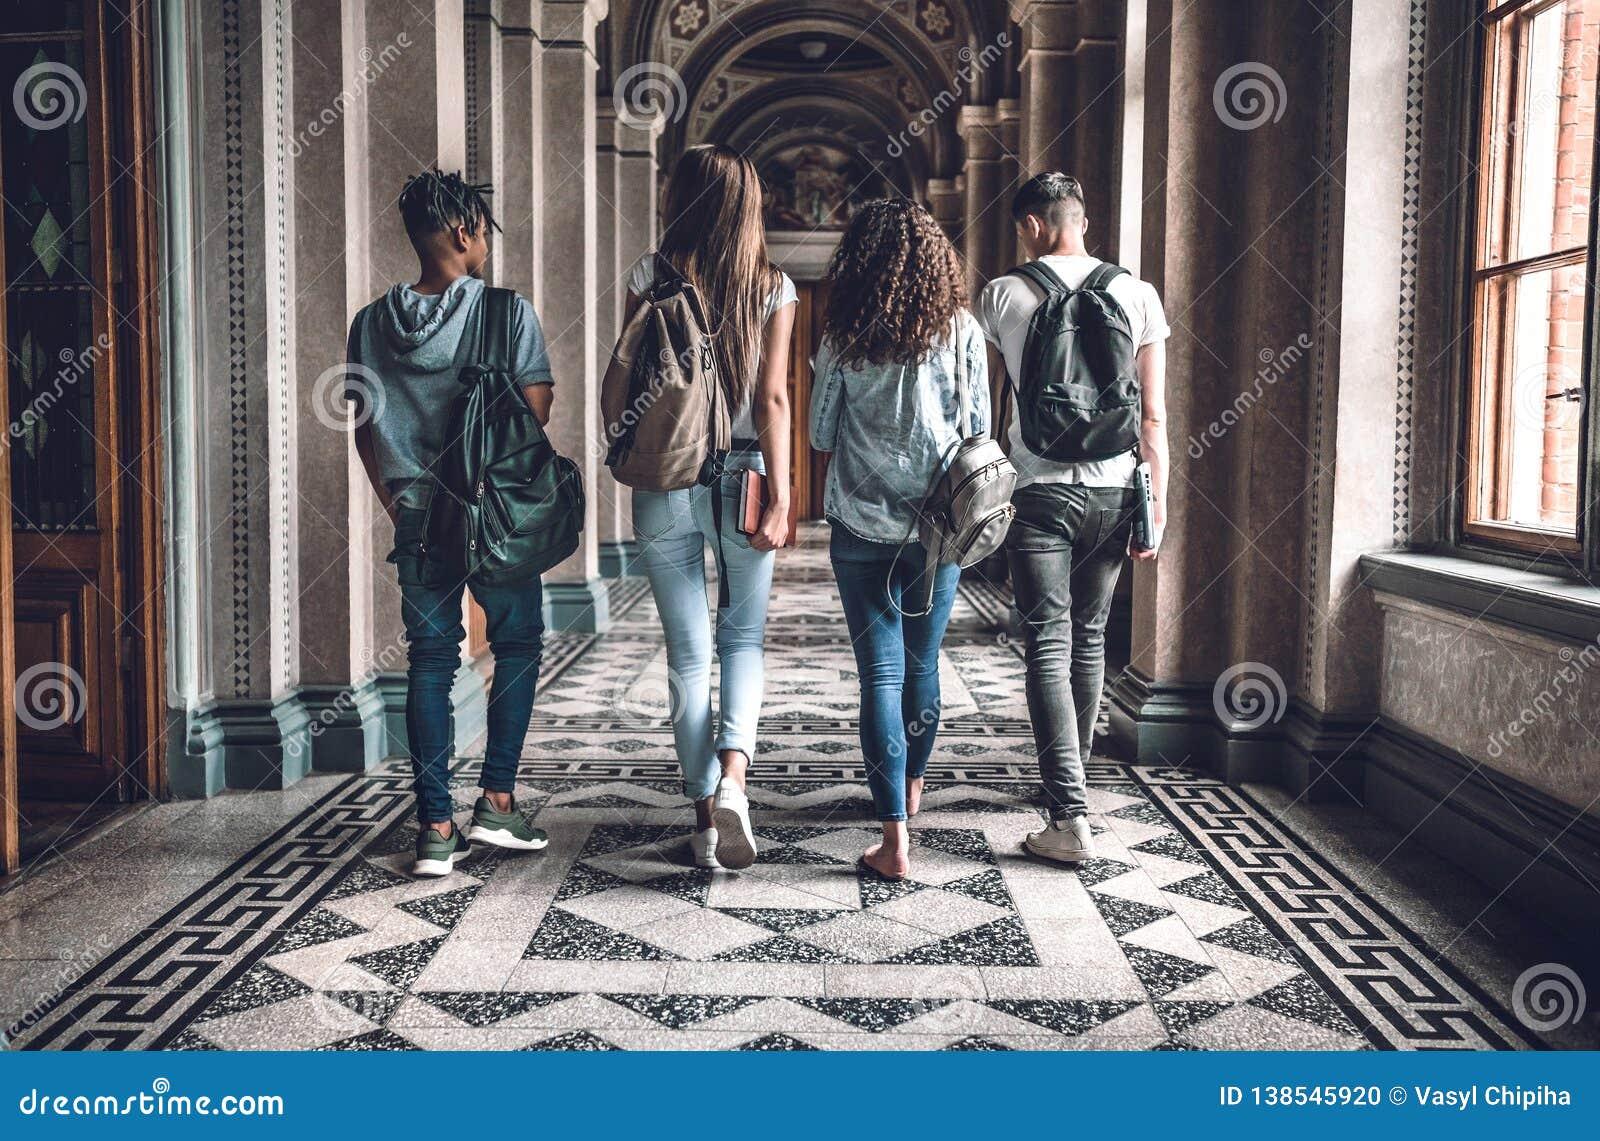 Vida de la universidad El grupo de estudiantes está caminando en pasillo y la charla de la universidad